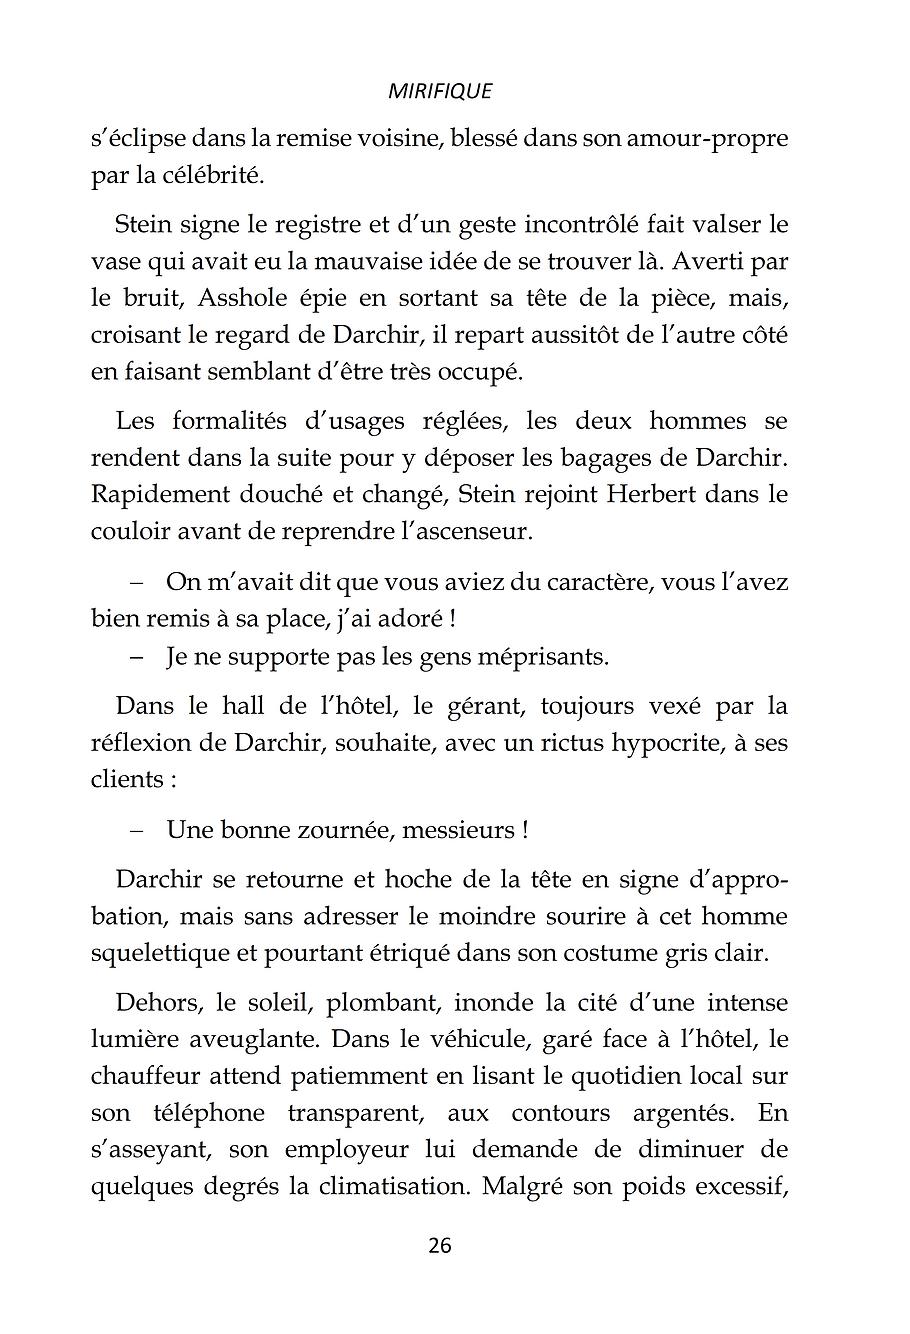 Ellho - Mirifique - Extraits_22.png